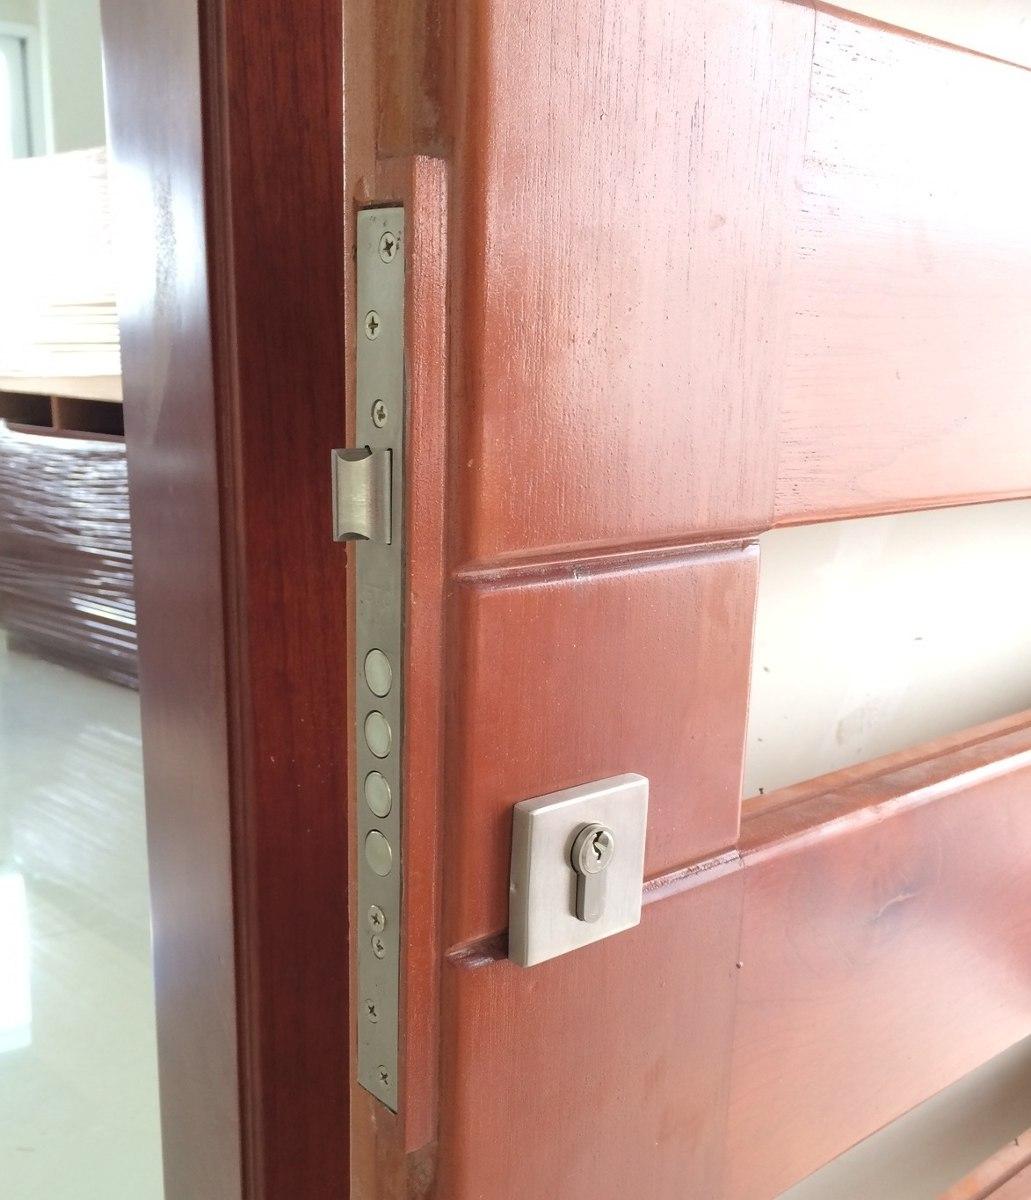 Cerradura para puerta de m xima seguridad 4 pasadores for Tipos de llaves de puertas